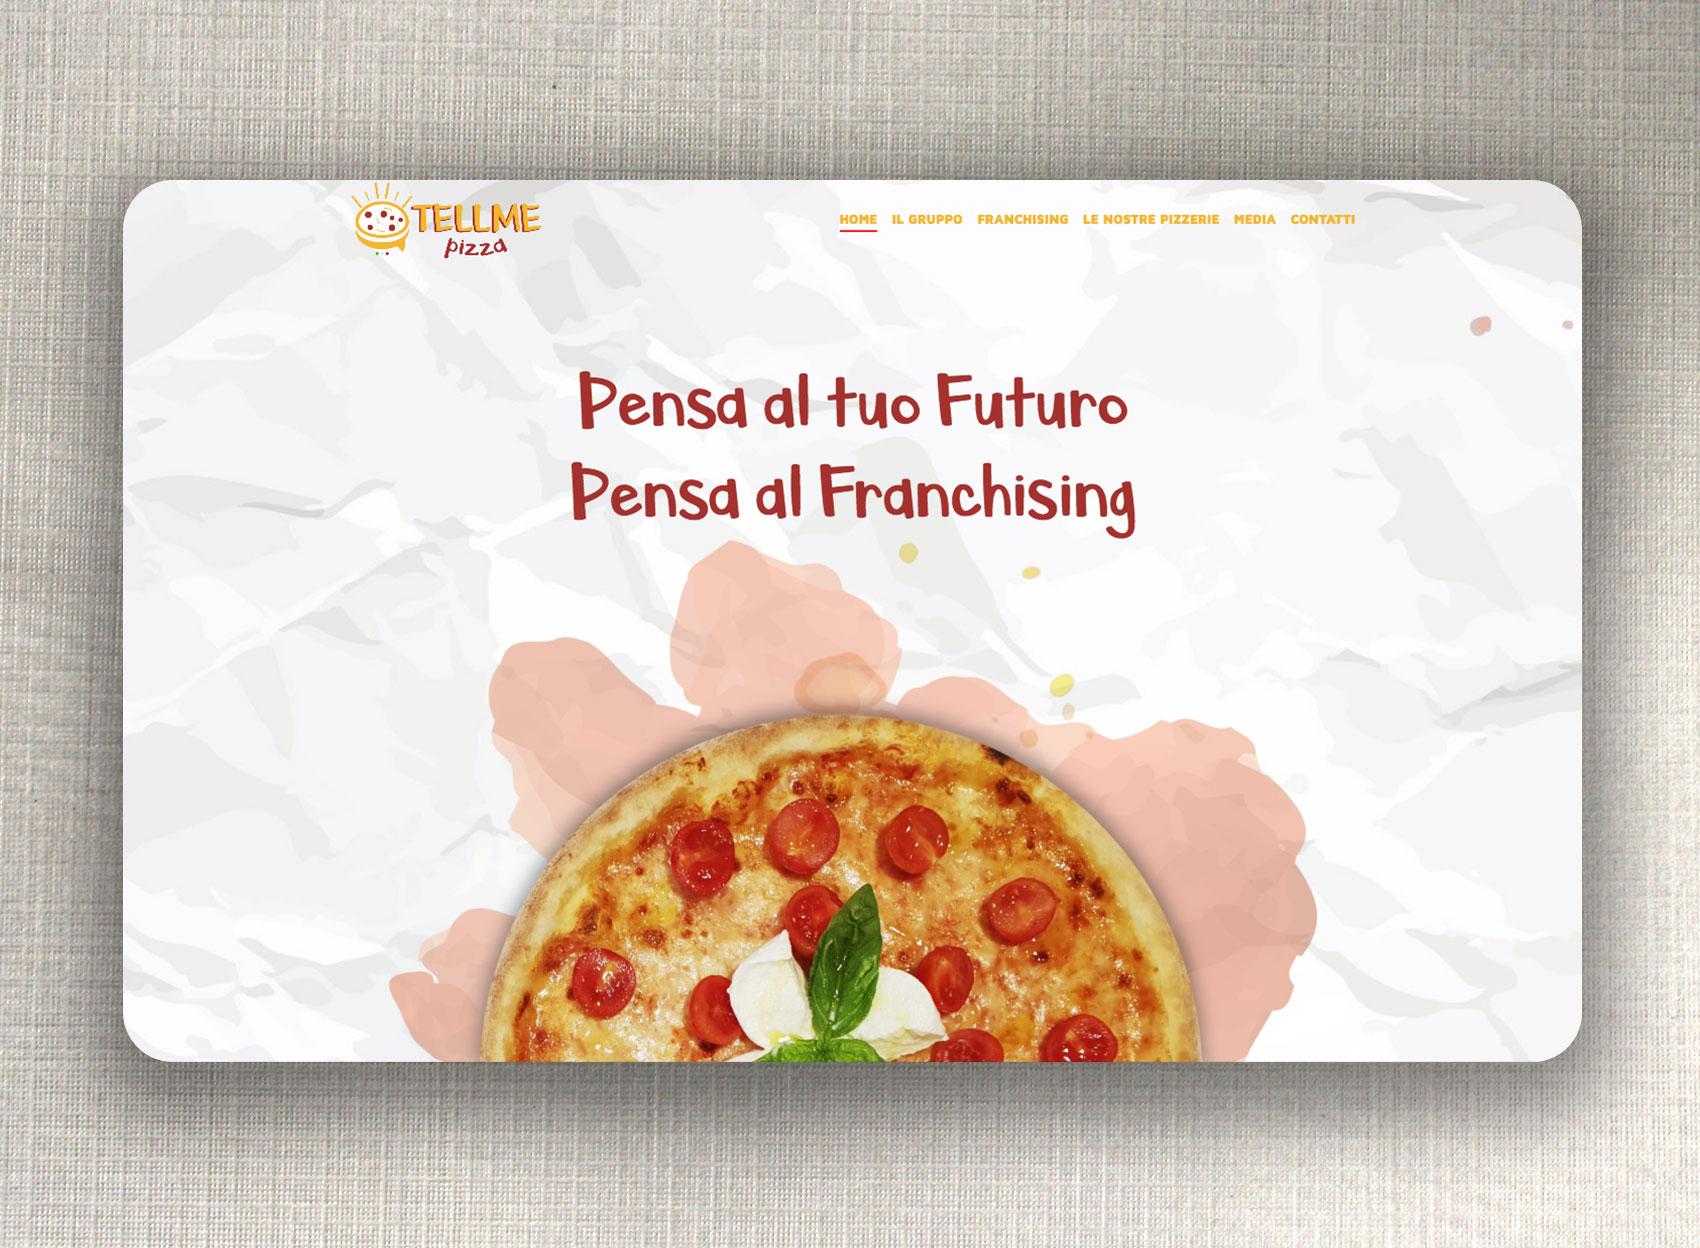 interfaccia grafica sito tellme pizza